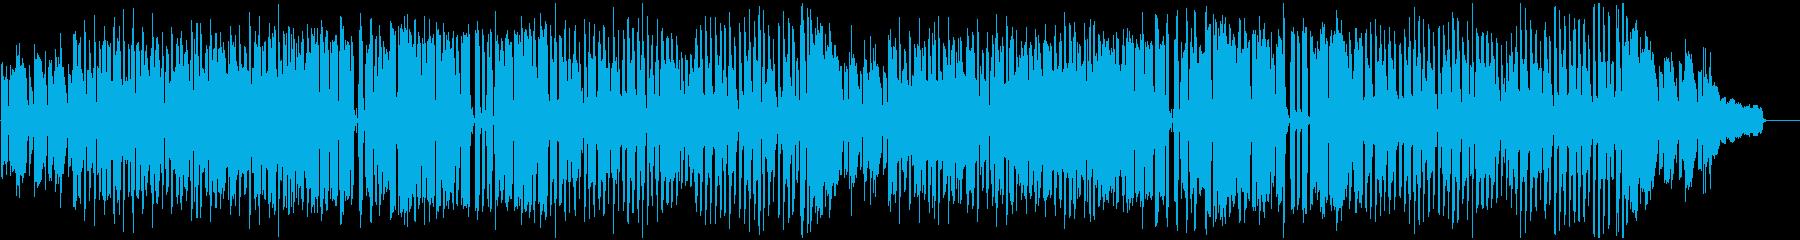 素朴でのんびりした曲_ロングの再生済みの波形